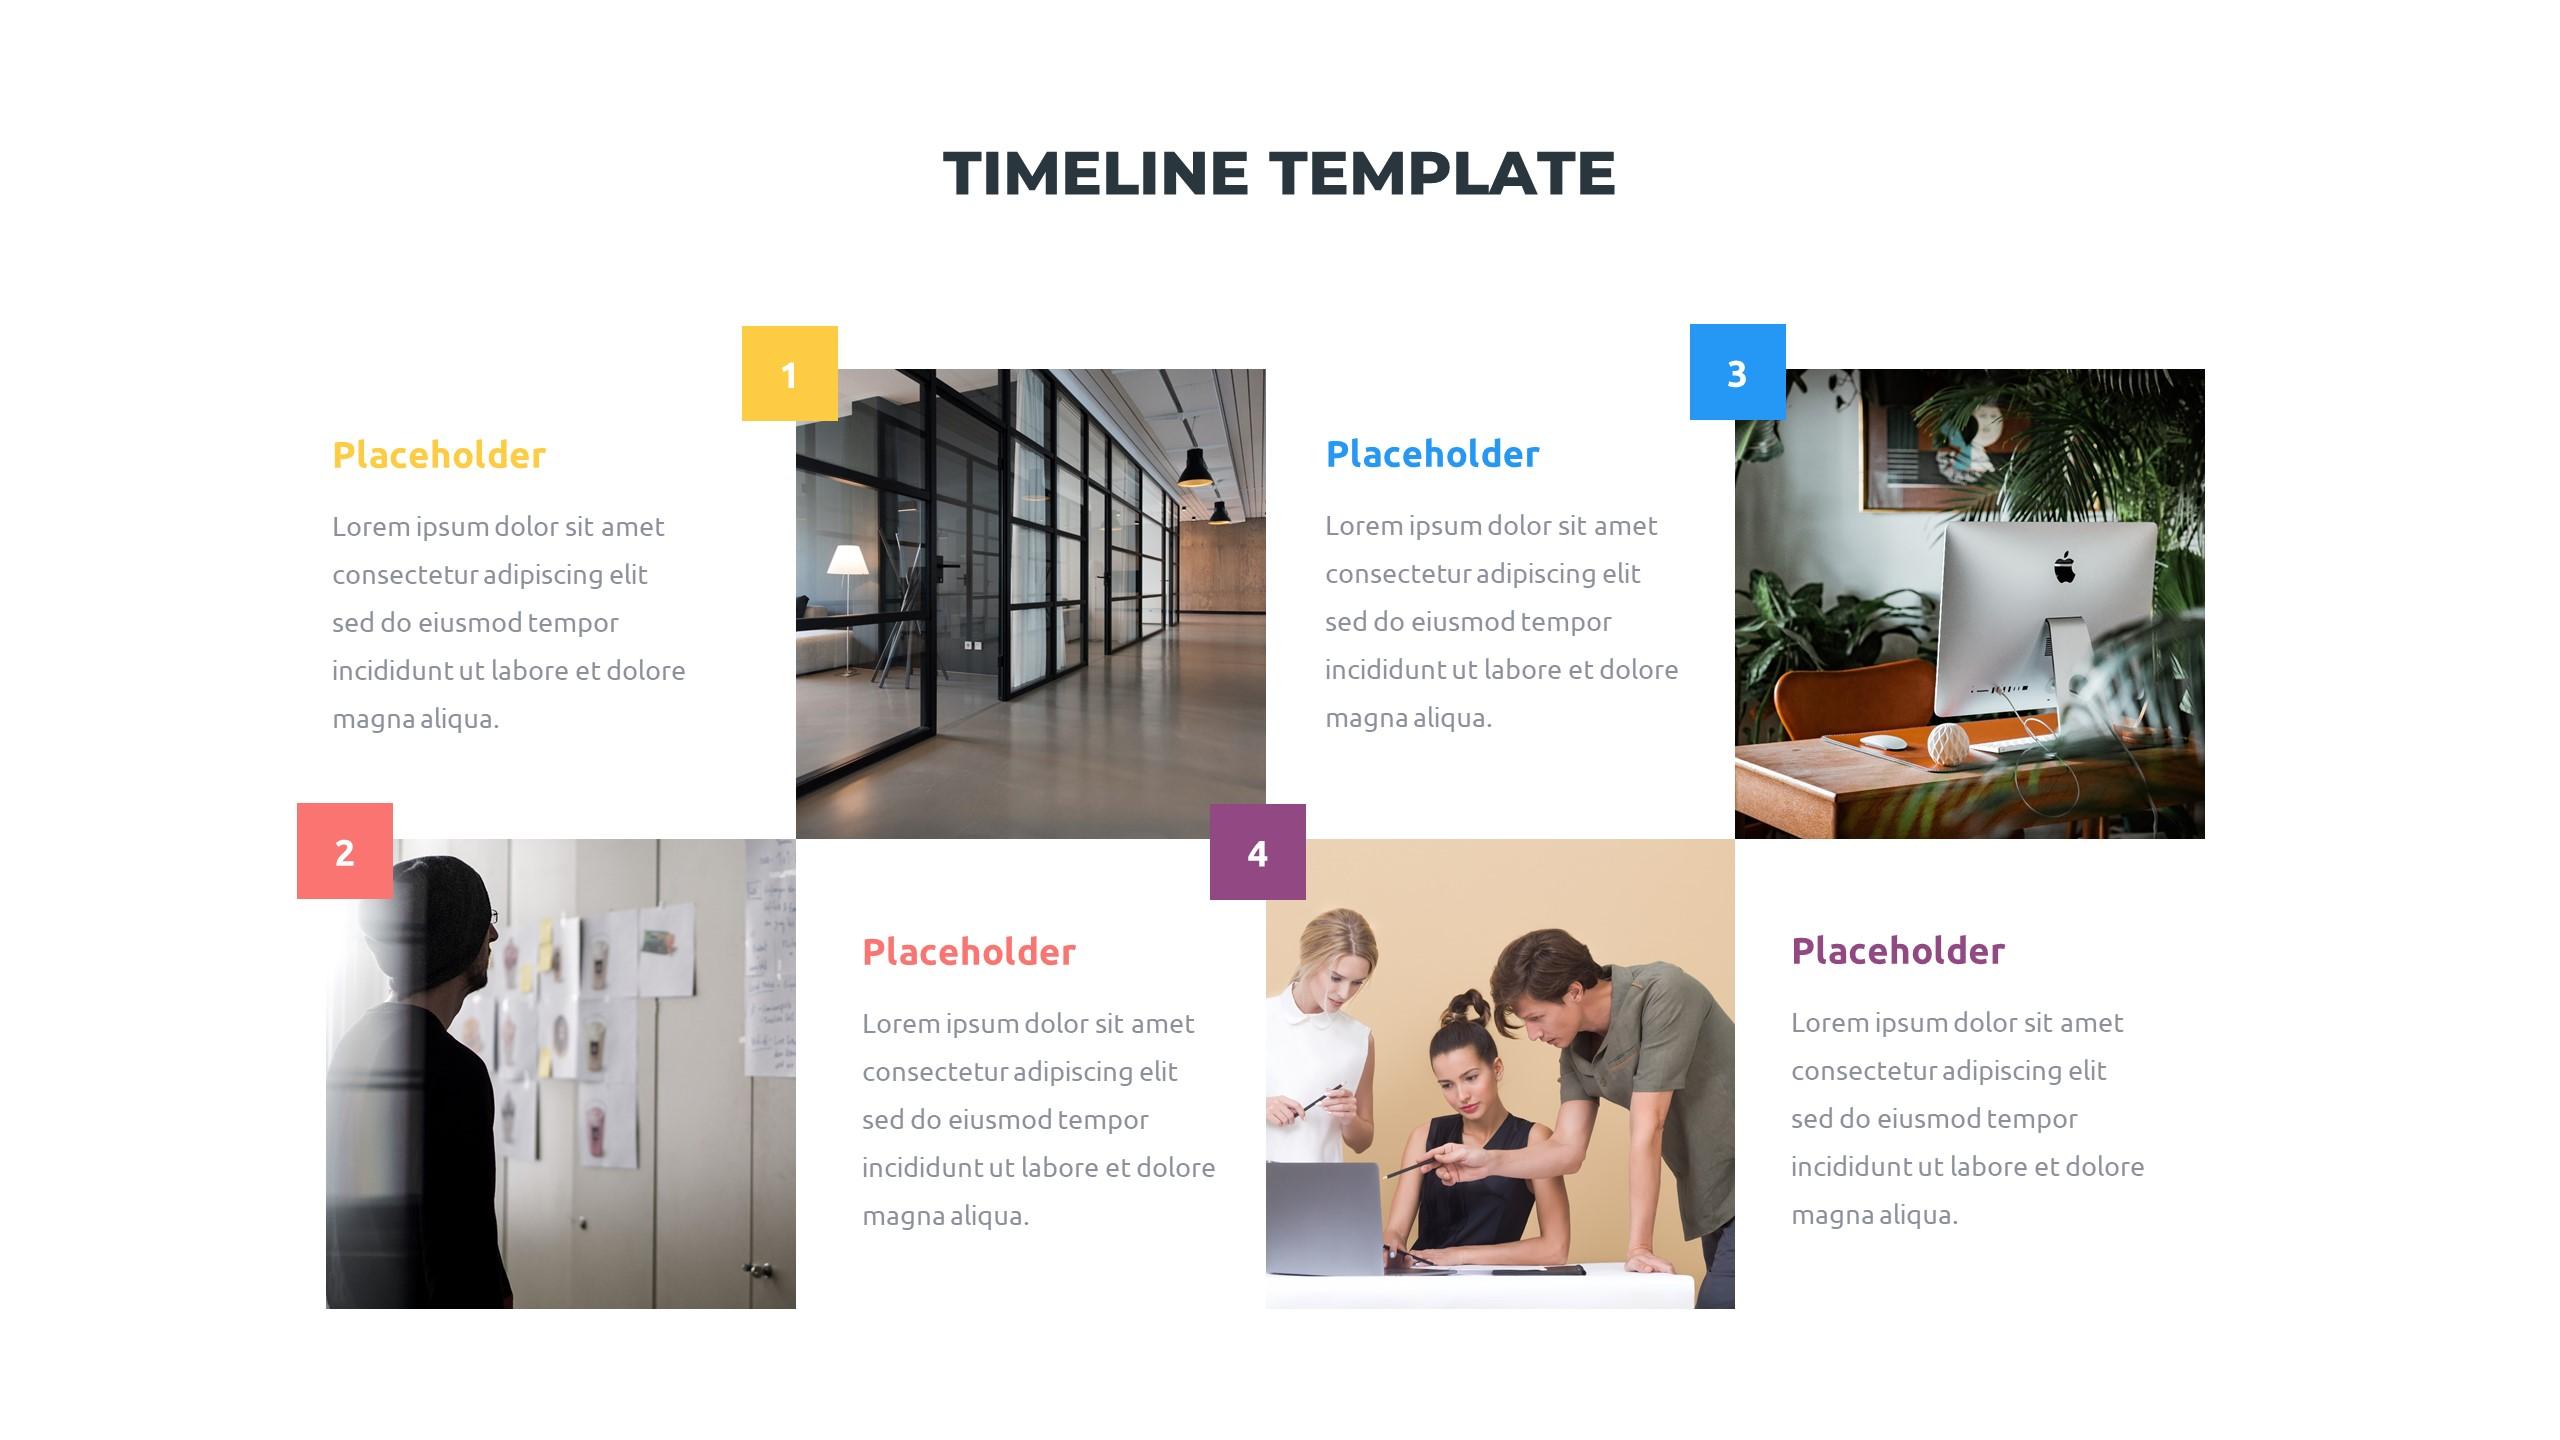 36 Timeline Presentation Templates: Powerpoint, Google Slides, Keynote - Slide6 1